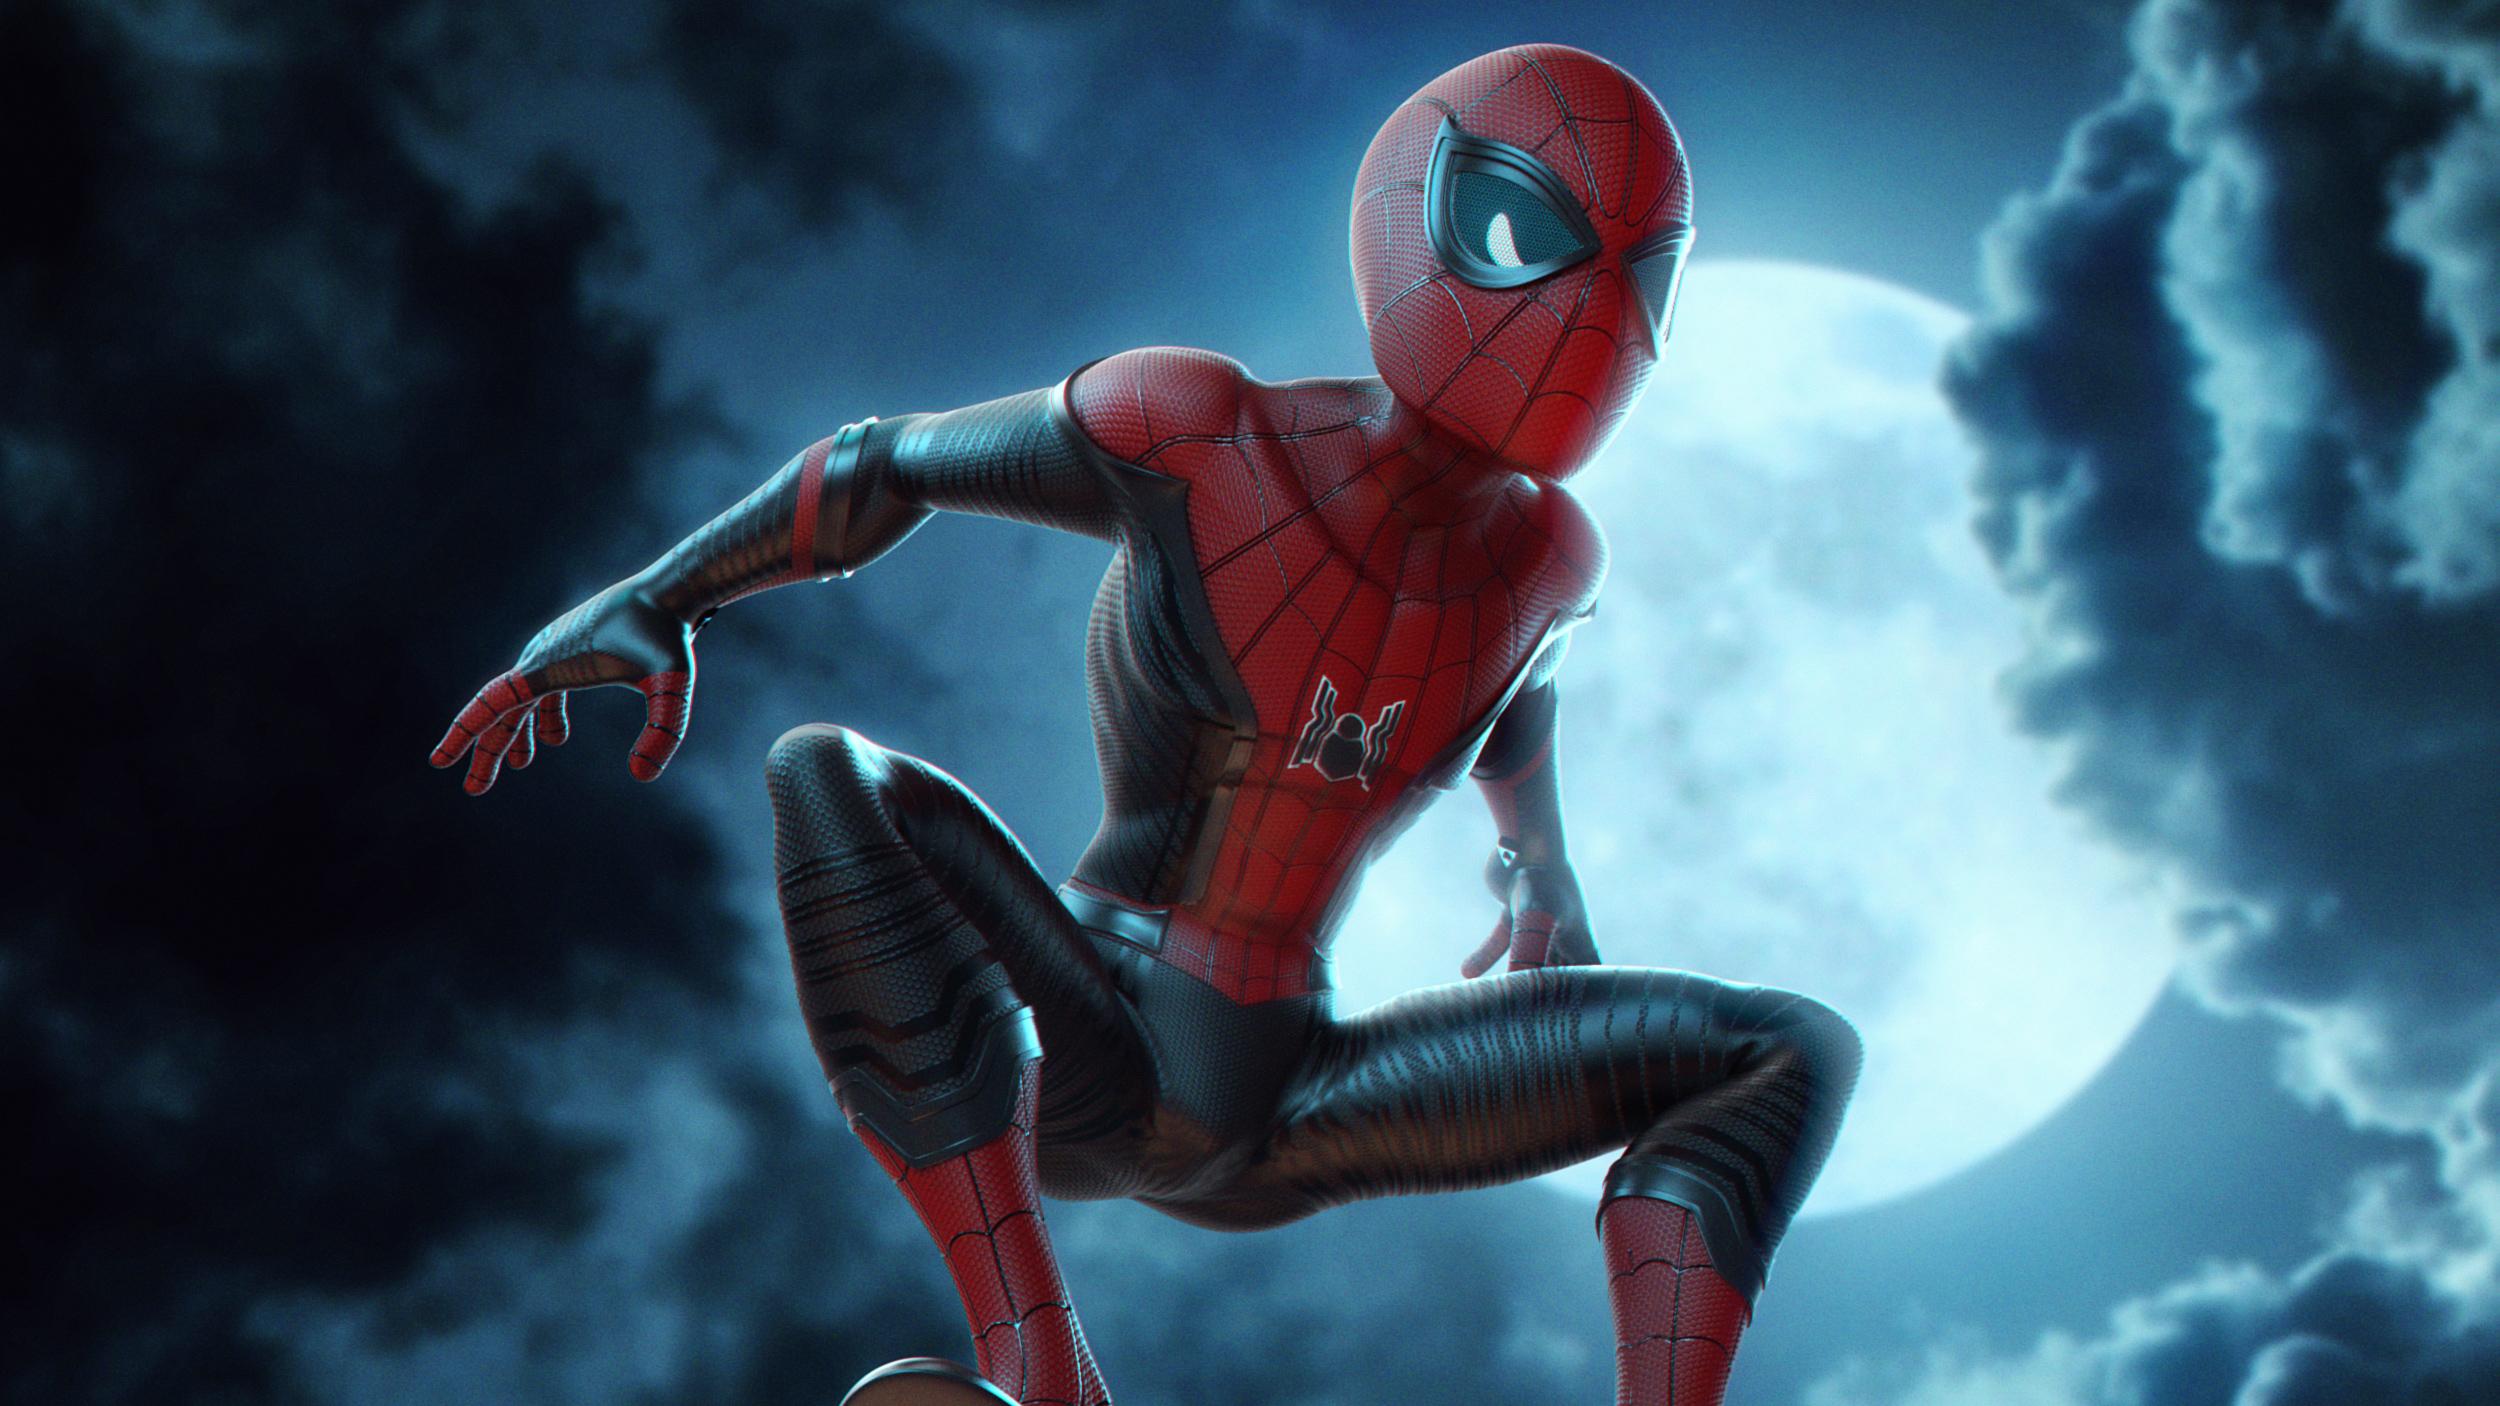 SpiderMan Into The Spider Verse Movie Digital Artwork 2018 ...